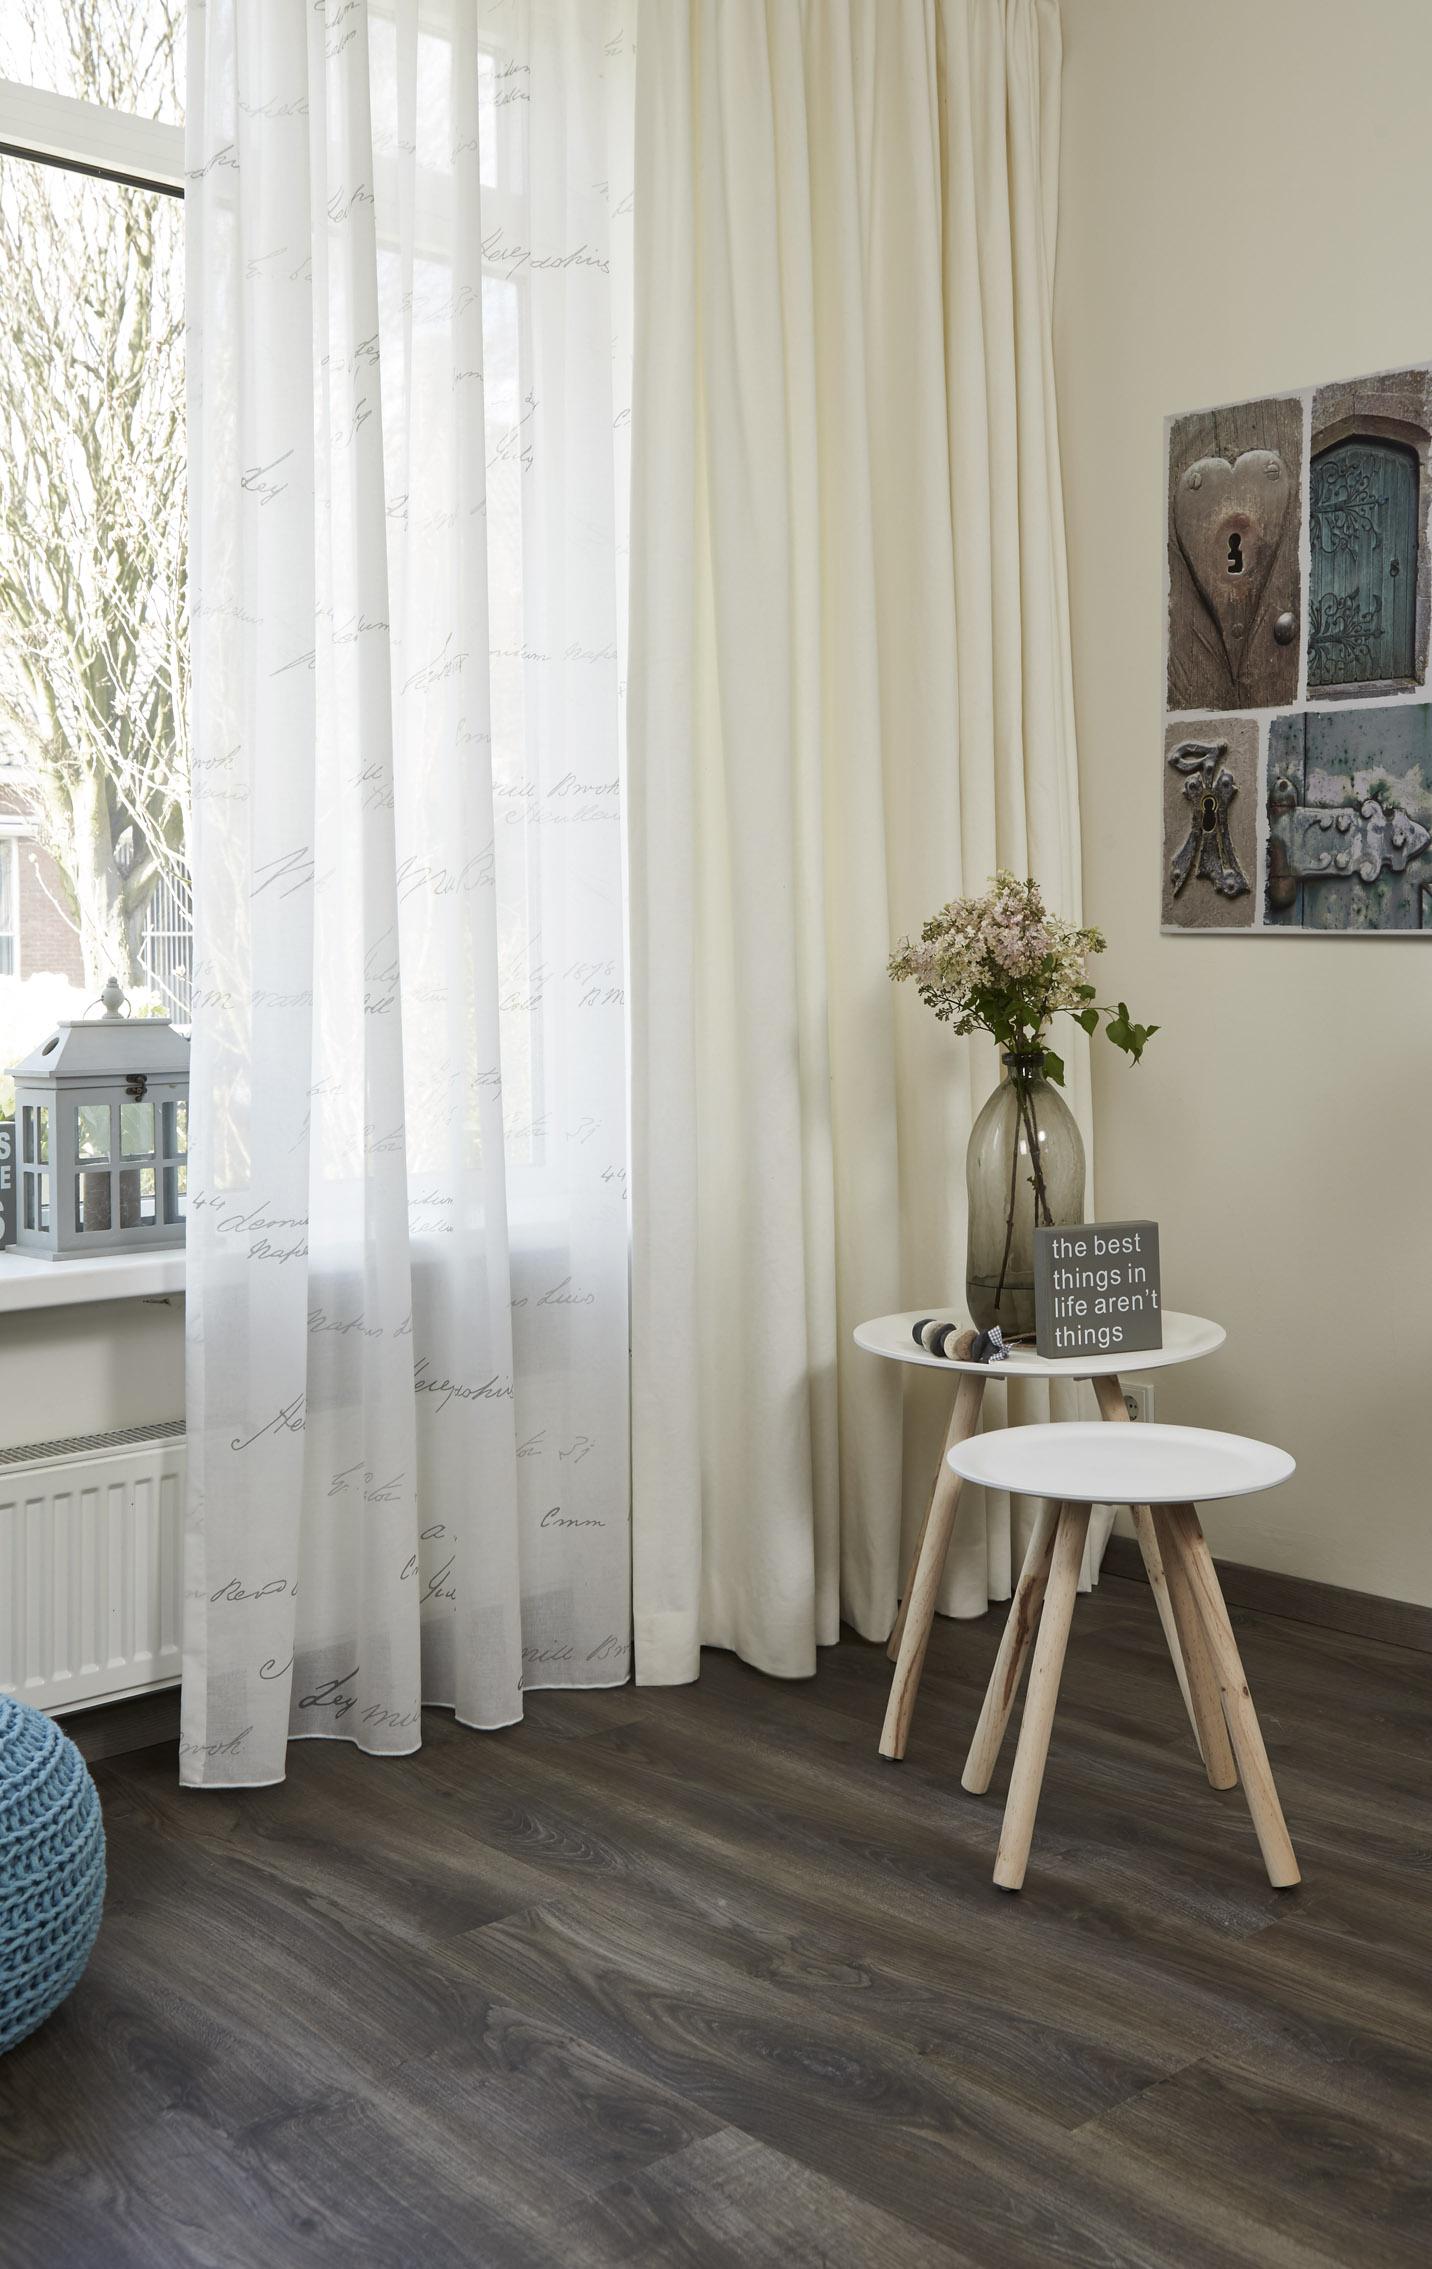 #4A606822331360 Keuken Gordijnen Leen Bakker : Meer Luxe Voor Minder Geld Bij Grando  Van de bovenste plank Design Meubelen Hoogeveen 1553 beeld 143222691553 Inspiratie